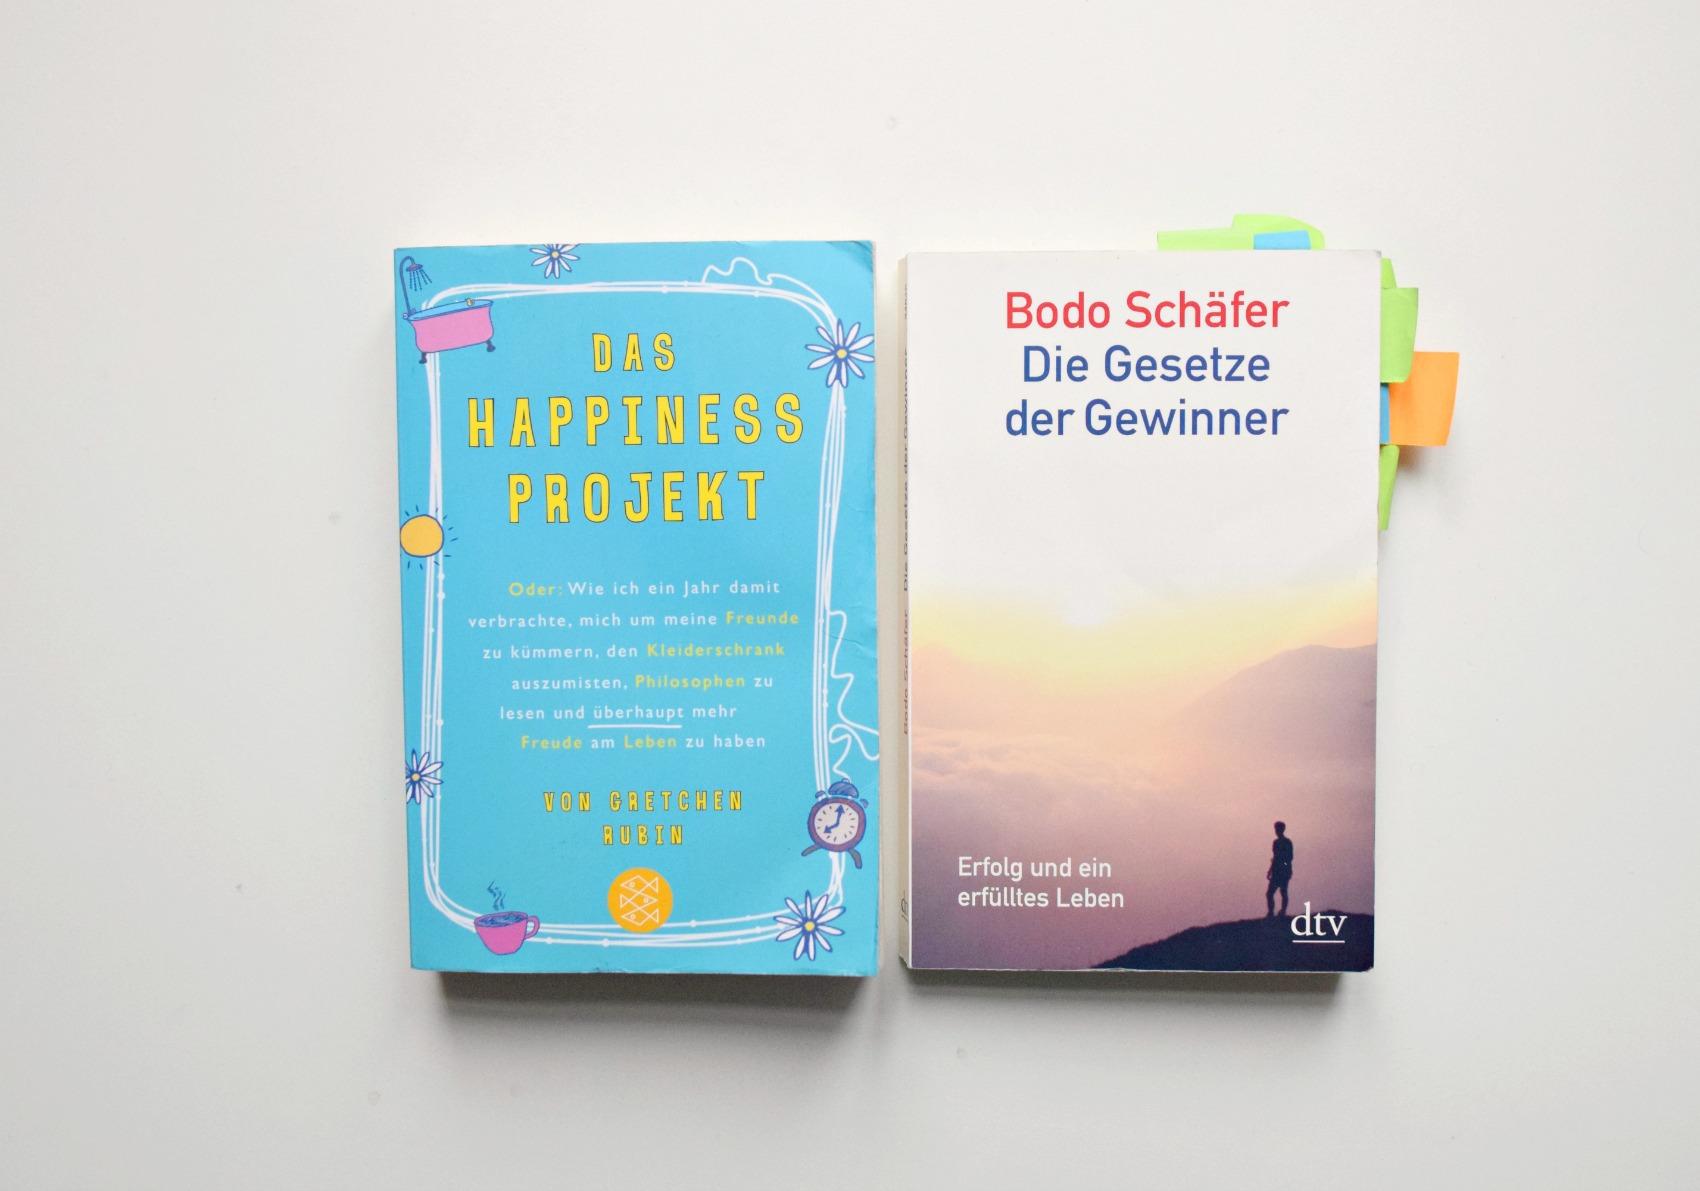 Bücher Persönlichkeitsentwicklung empfehlung mentaltraining coaching training buchempfehlungen